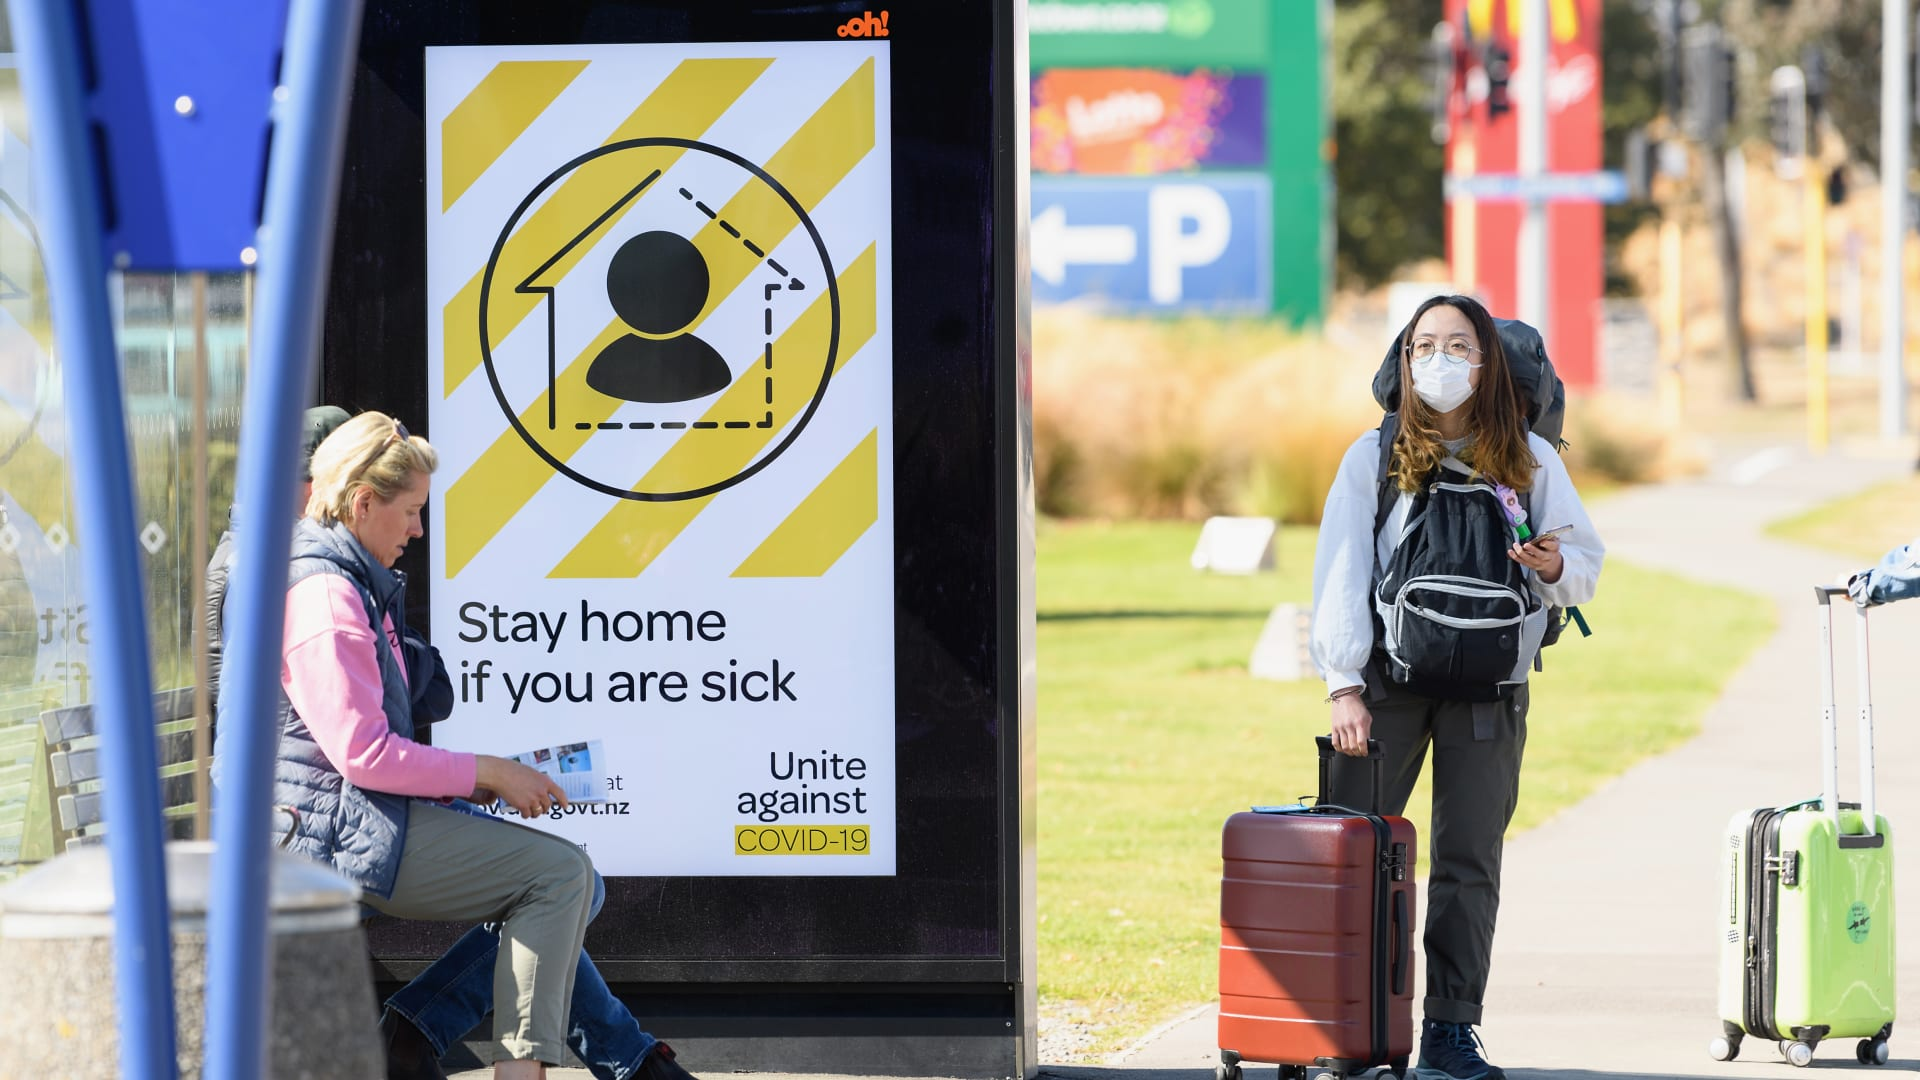 هل جاء من تغليف الأطعمة المجمدة؟ نيوزيلندا تحقق في سبب التفشي الجديد لفيروس كورونا